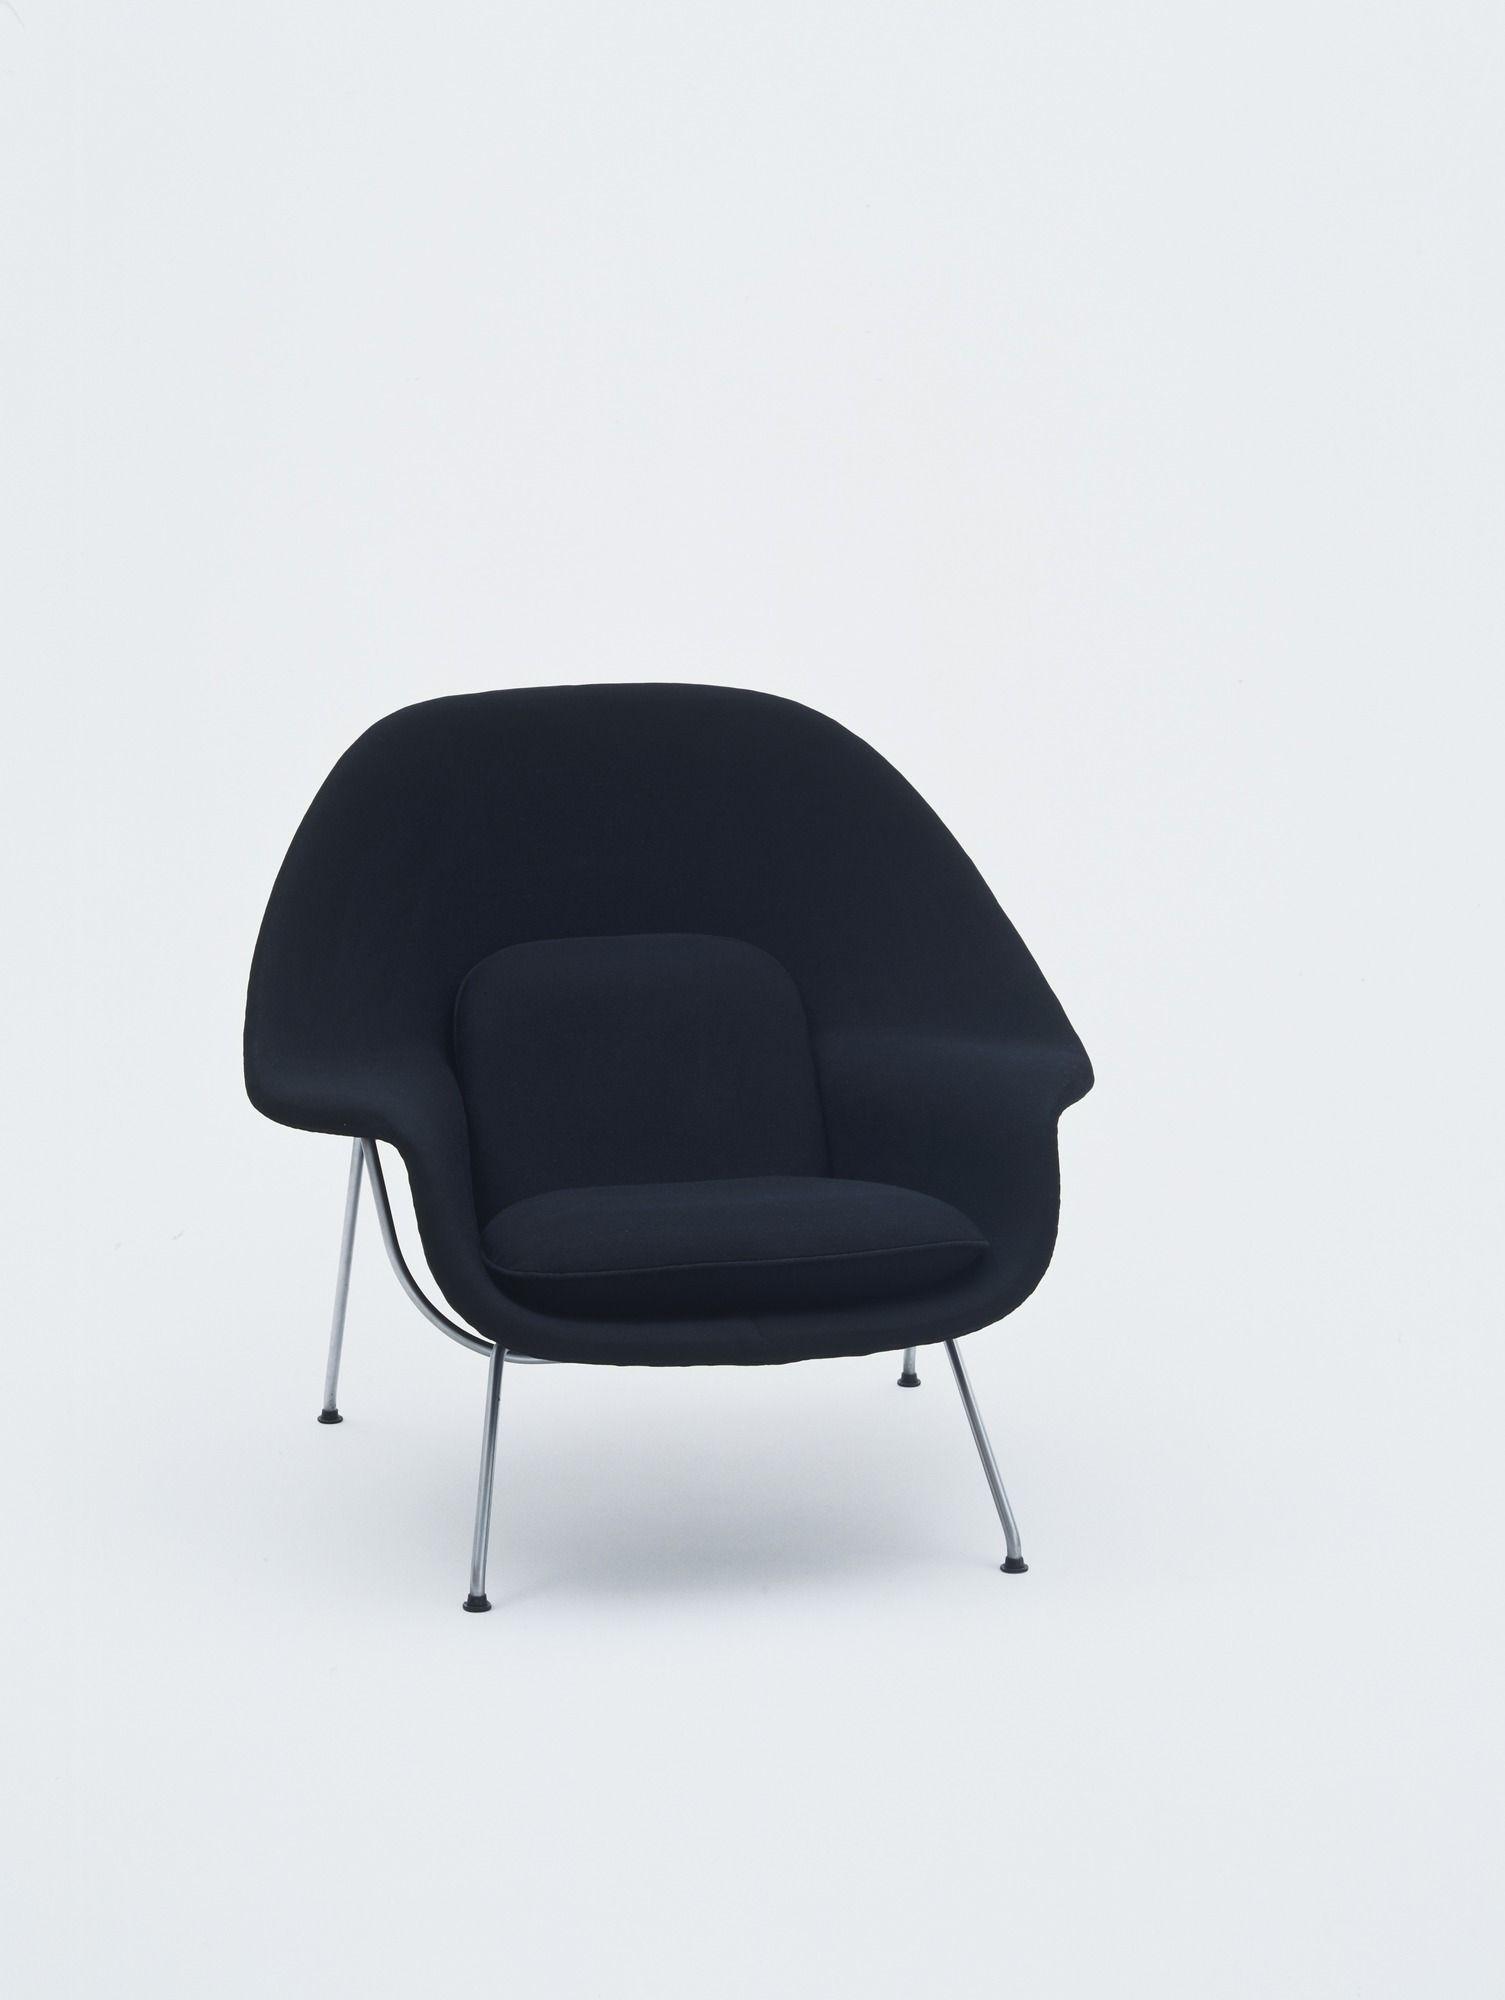 Eero Saarinen Womb Chair 1946 Chairs Pinterest Womb Chair  # Muebles Eero Saarinen